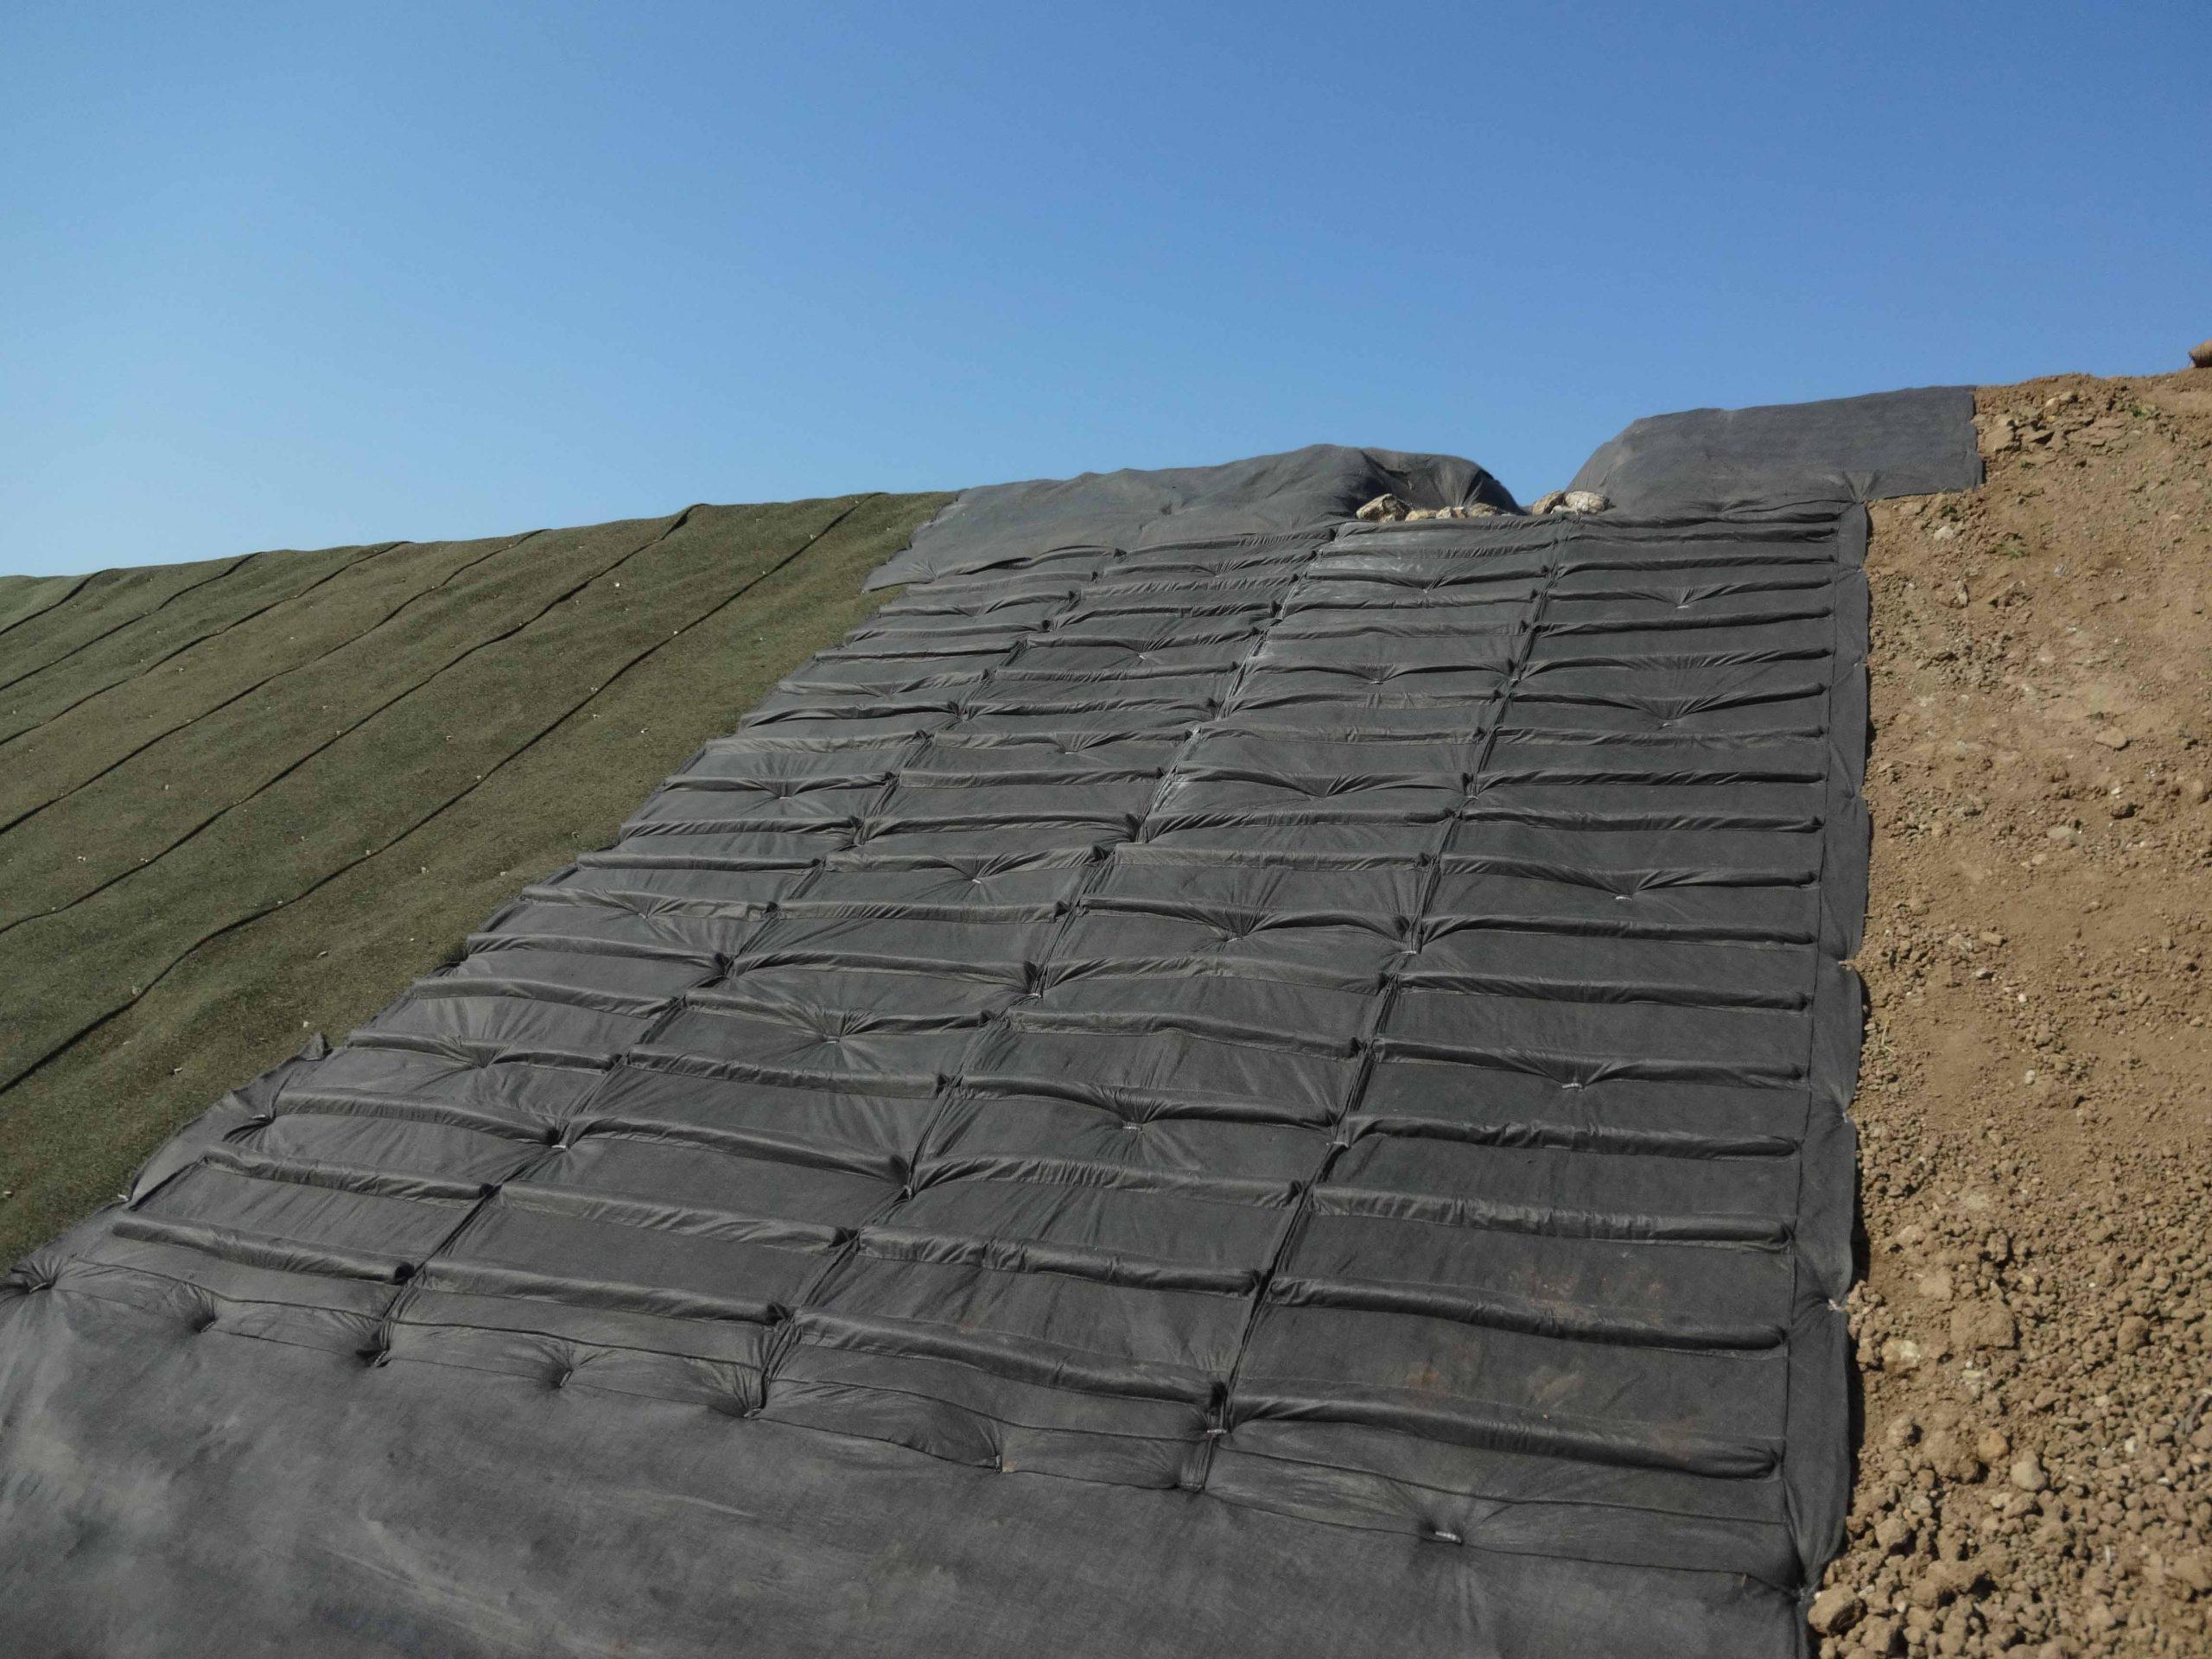 雨水誘導マットで災害・雨裂対策を! 重機不要・簡単施工!農業分野での活用事例も増えています!